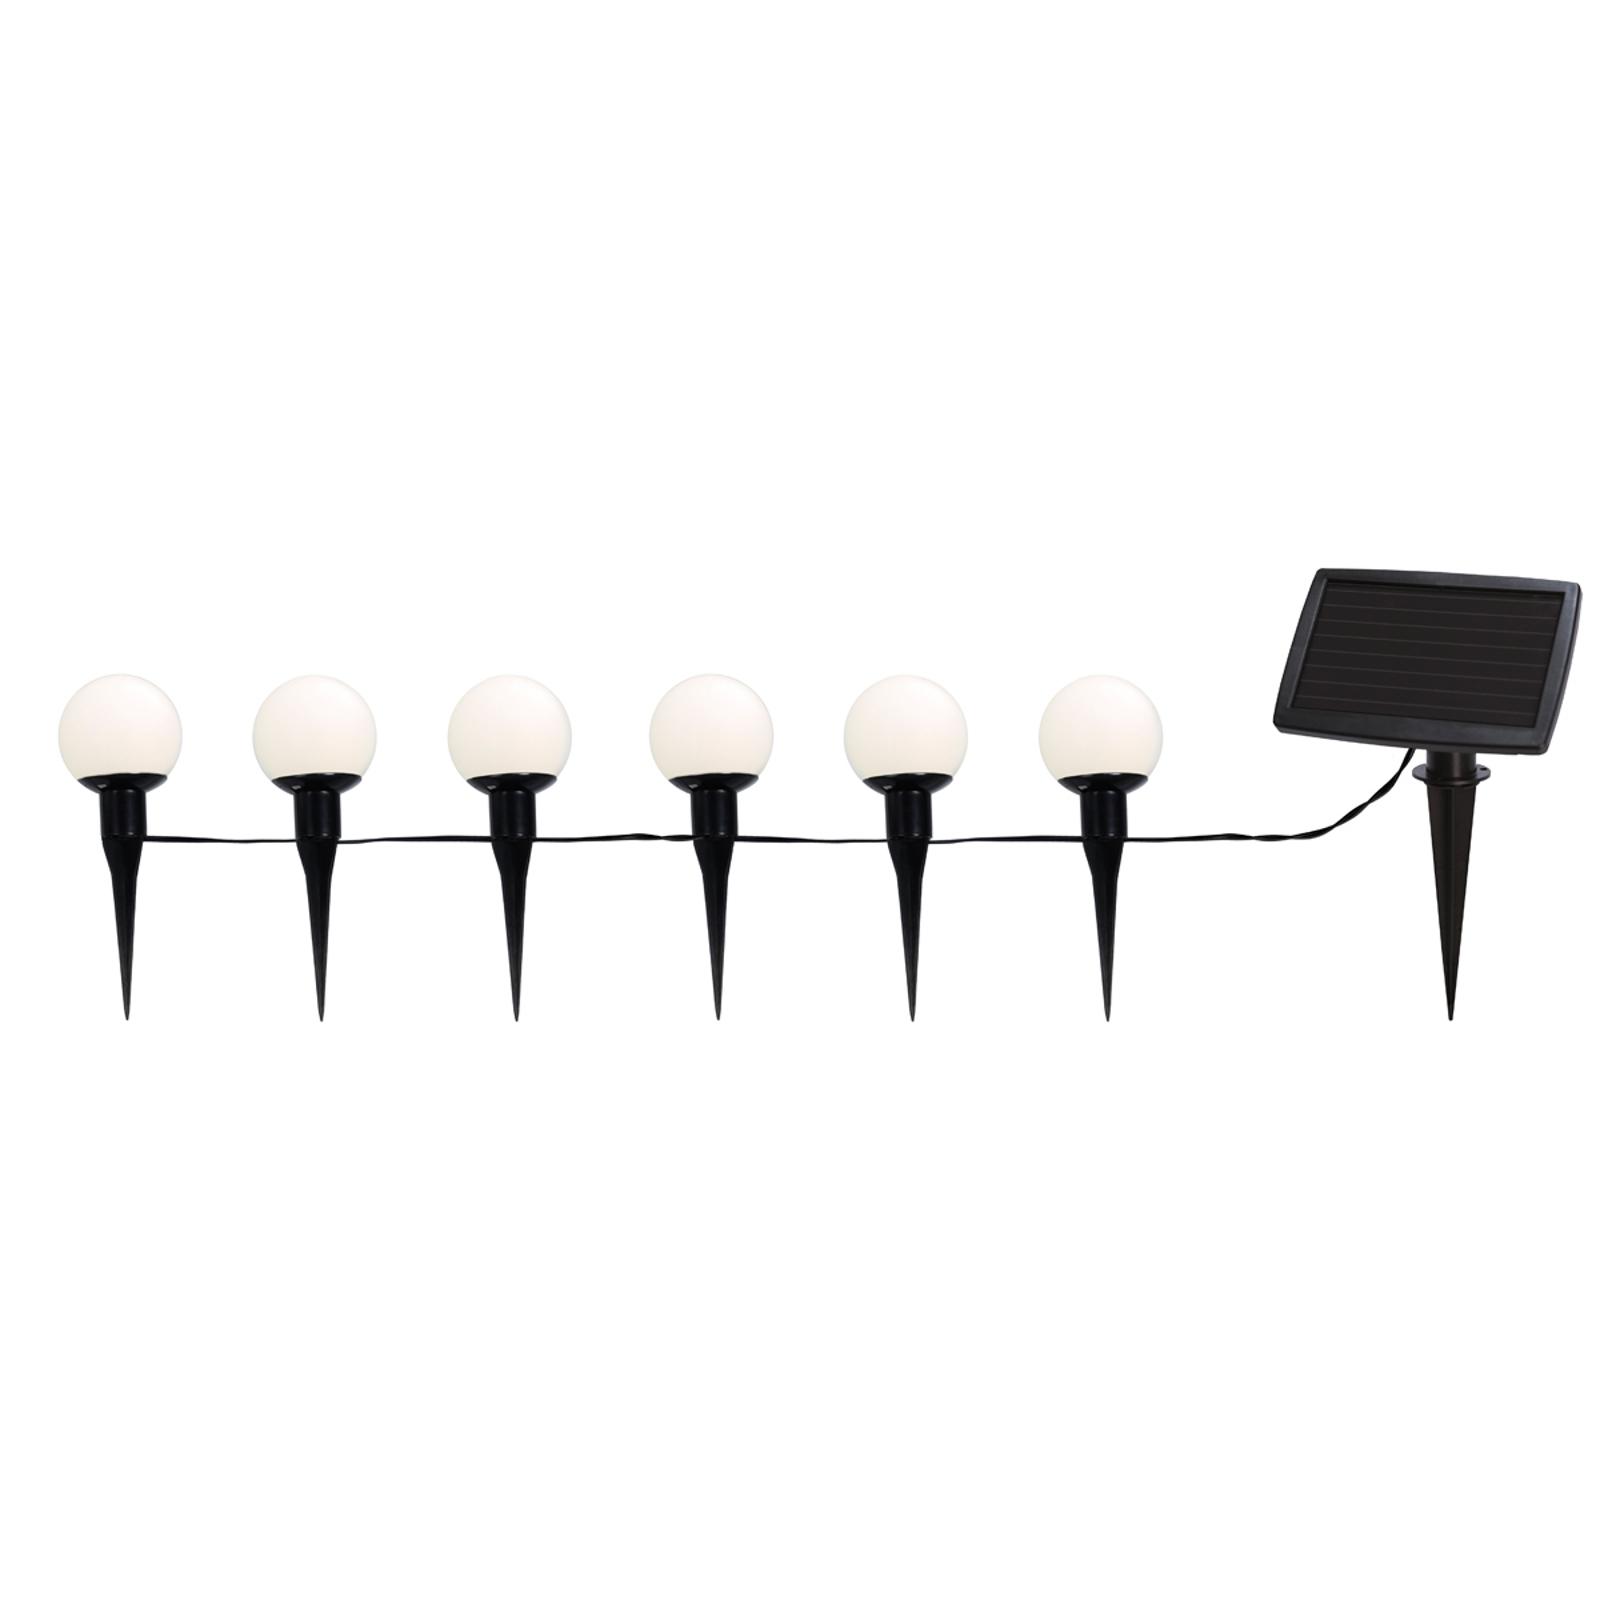 Solarny łańcuch świetlny LED COMBO z 6 kulami